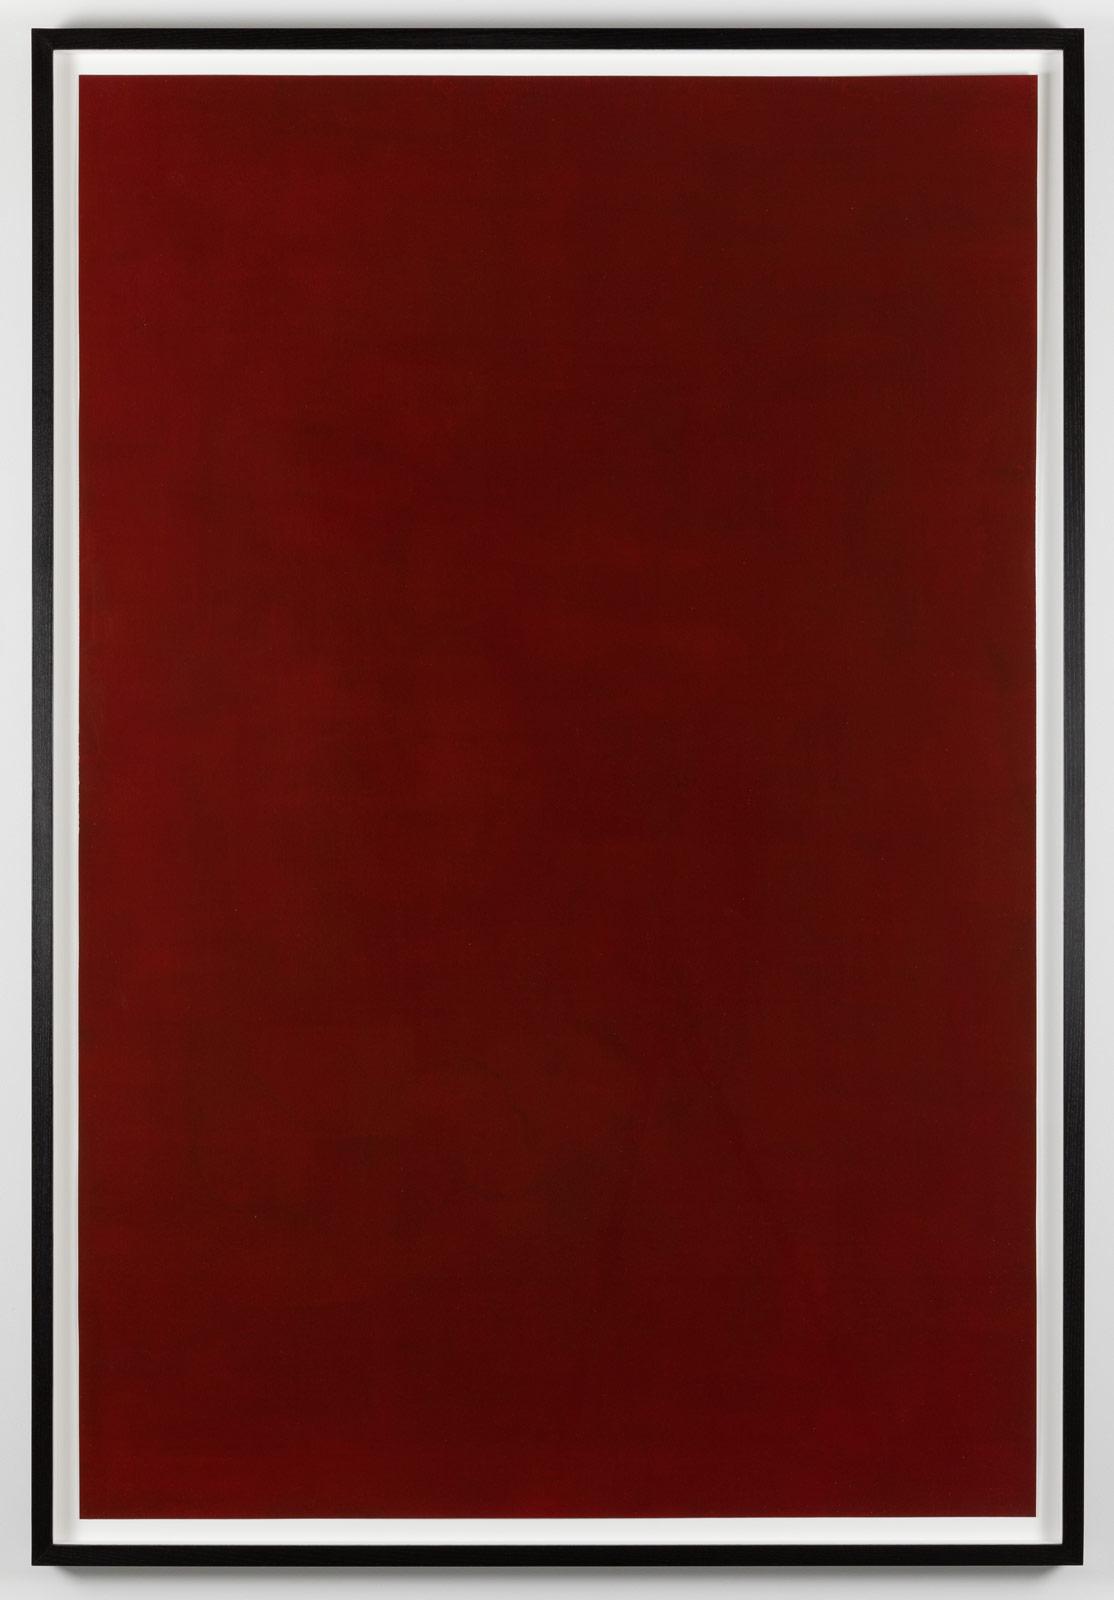 Det äventyrliga hjärtat, 2018. Watercolor and varnish on paper in artist´s frame, 158 x 108 x 5,2 cm